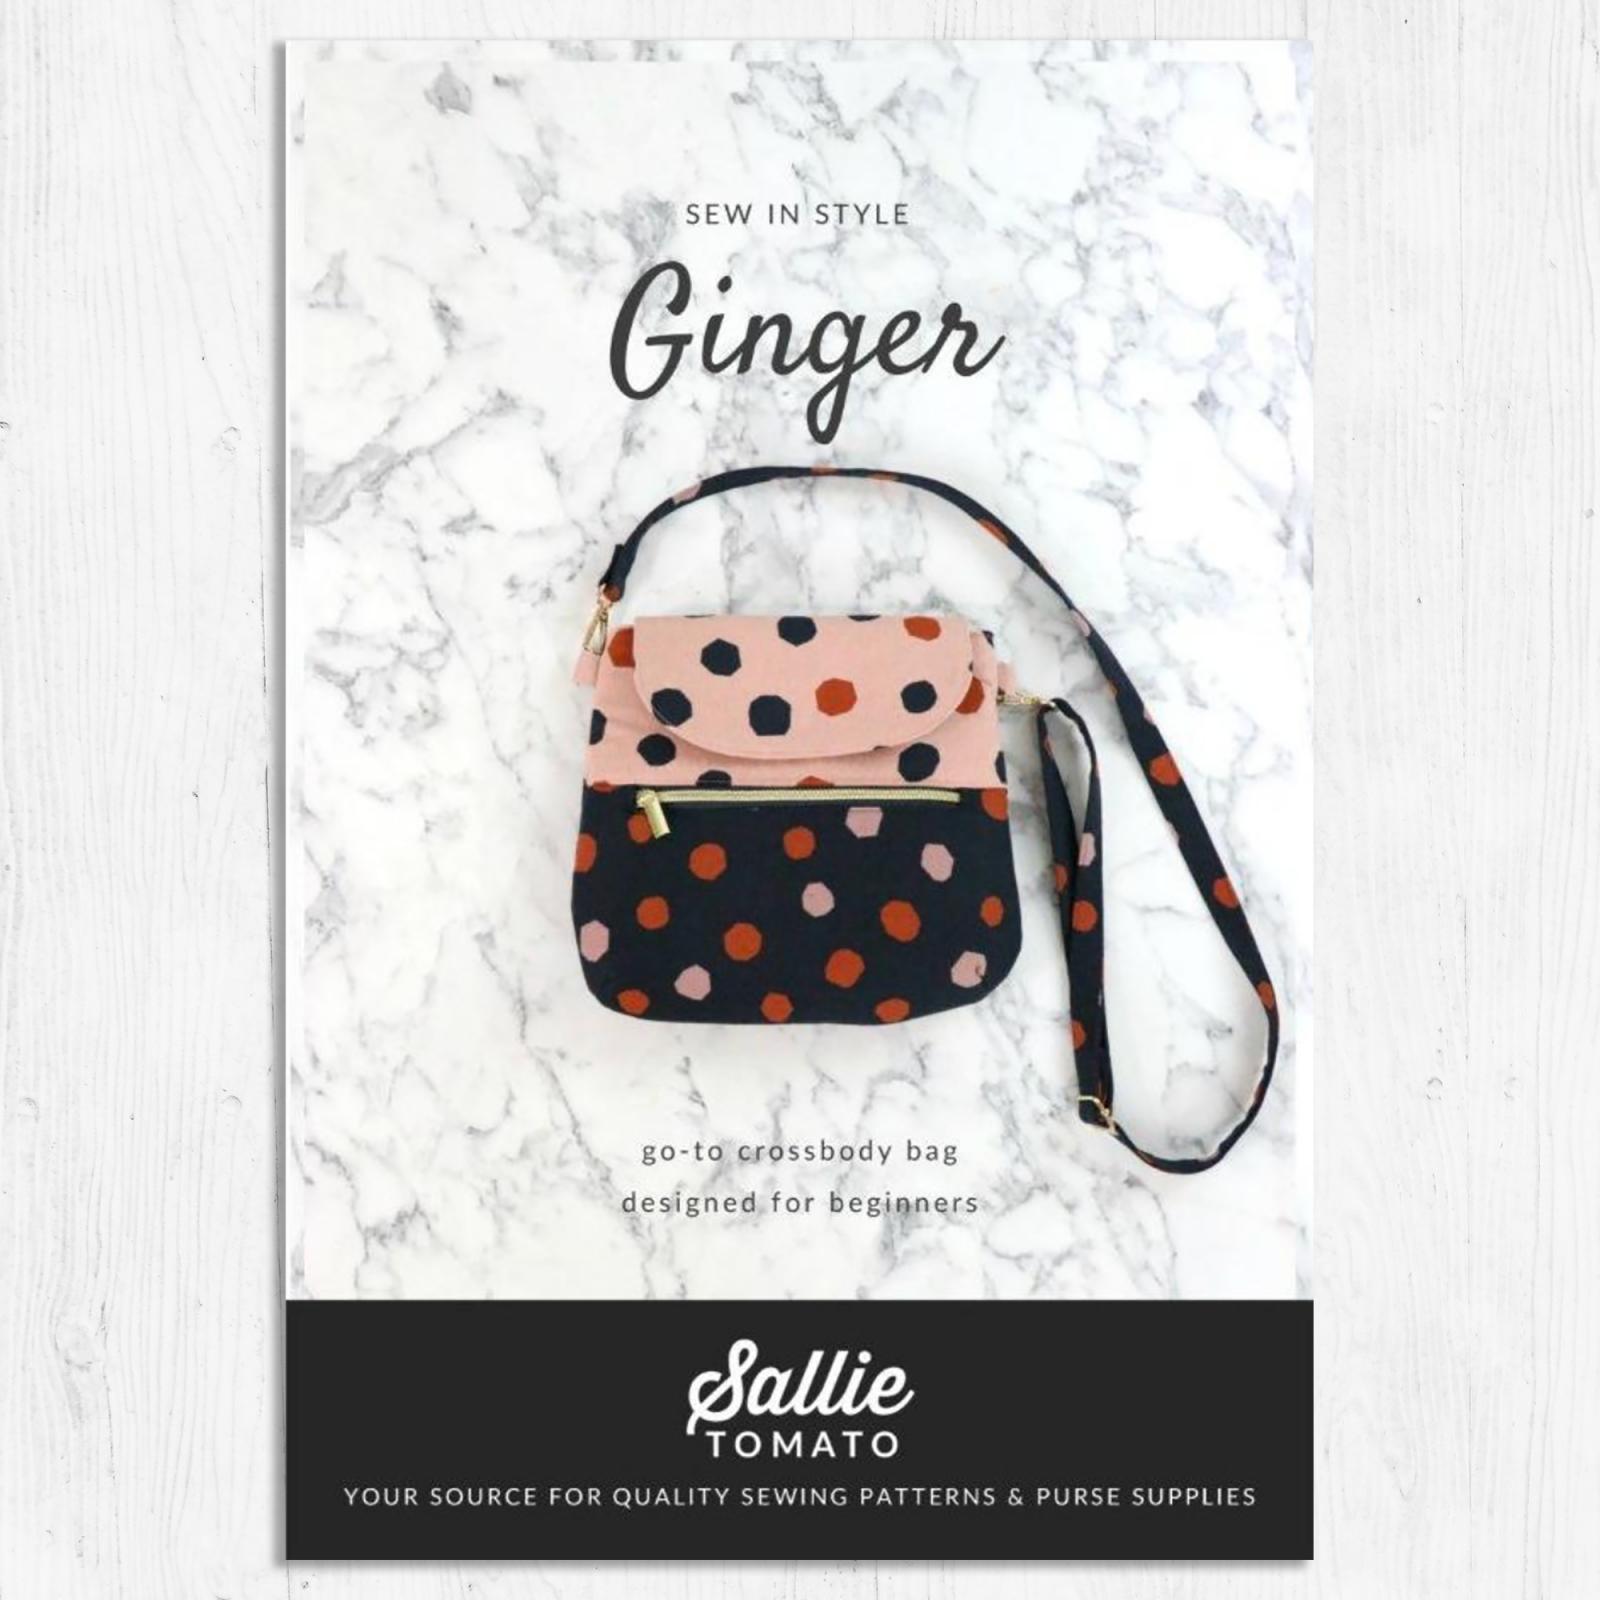 Sallie Tomato - Ginger Bag Pattern